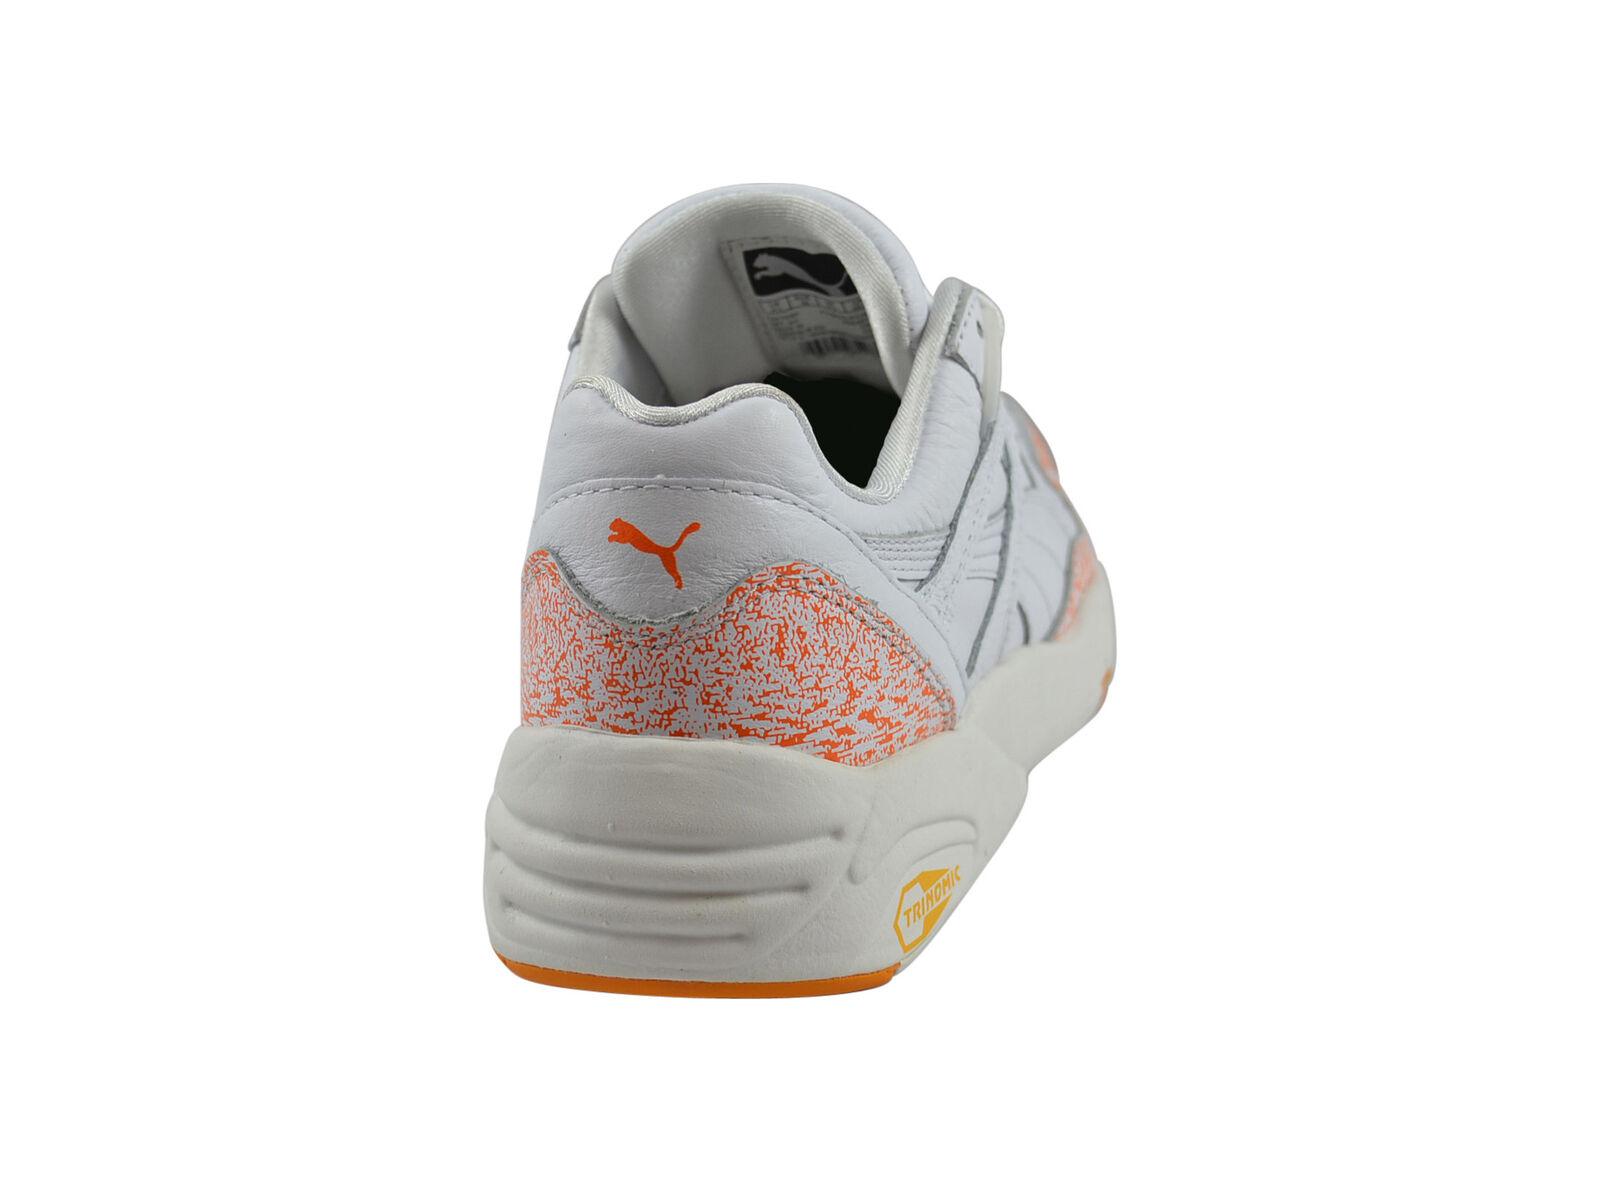 PUMA Trinomic r698 r698 r698 Snow splatter Pack bianca Fluo arancia Scarpe scarpe da ginnastica 358391 02 | Outlet Store  b6317d